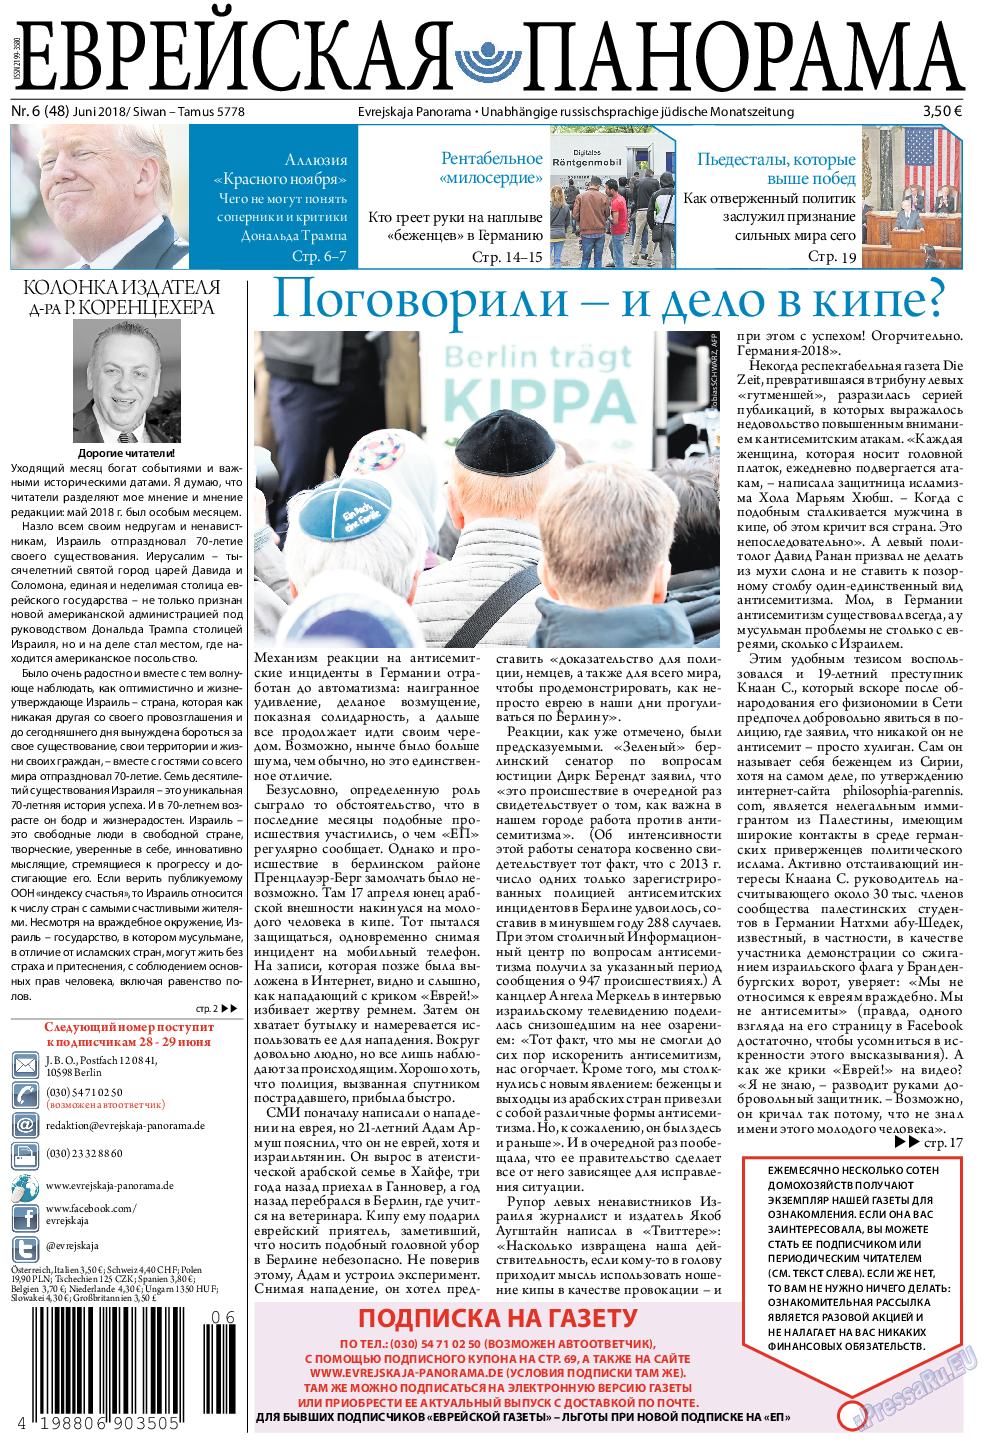 Еврейская панорама (газета). 2018 год, номер 6, стр. 1